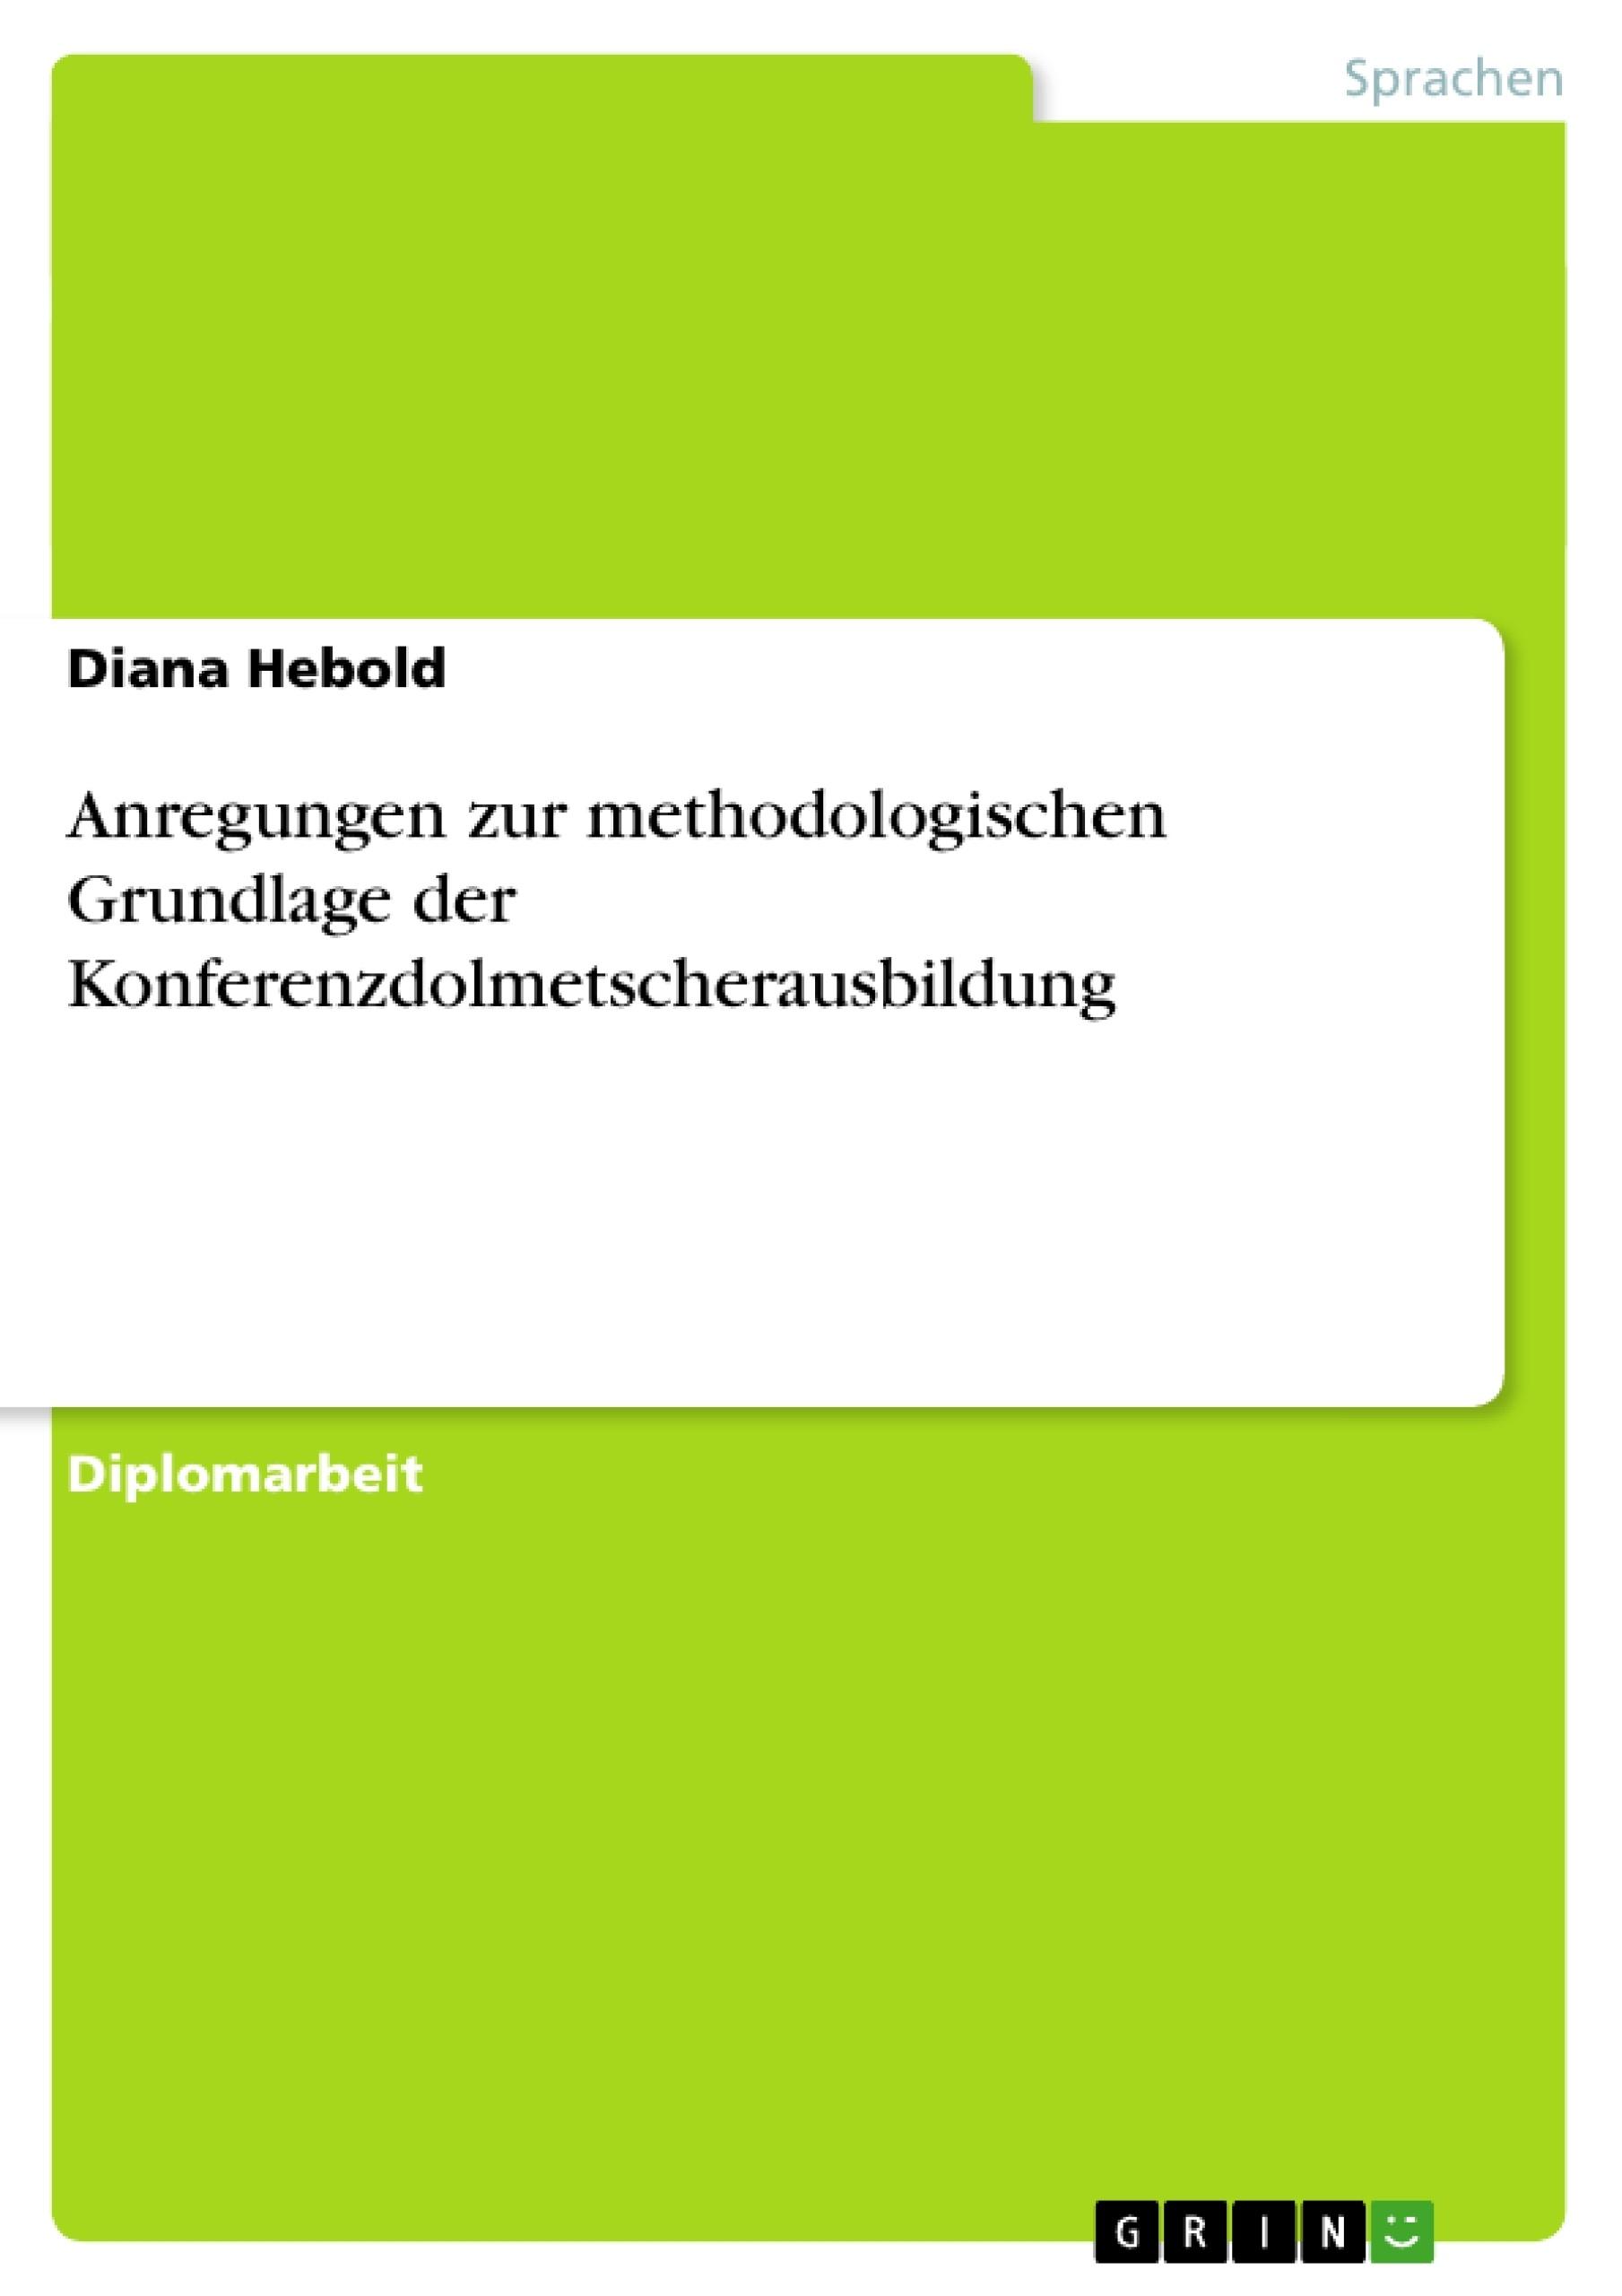 Titel: Anregungen zur methodologischen Grundlage der Konferenzdolmetscherausbildung